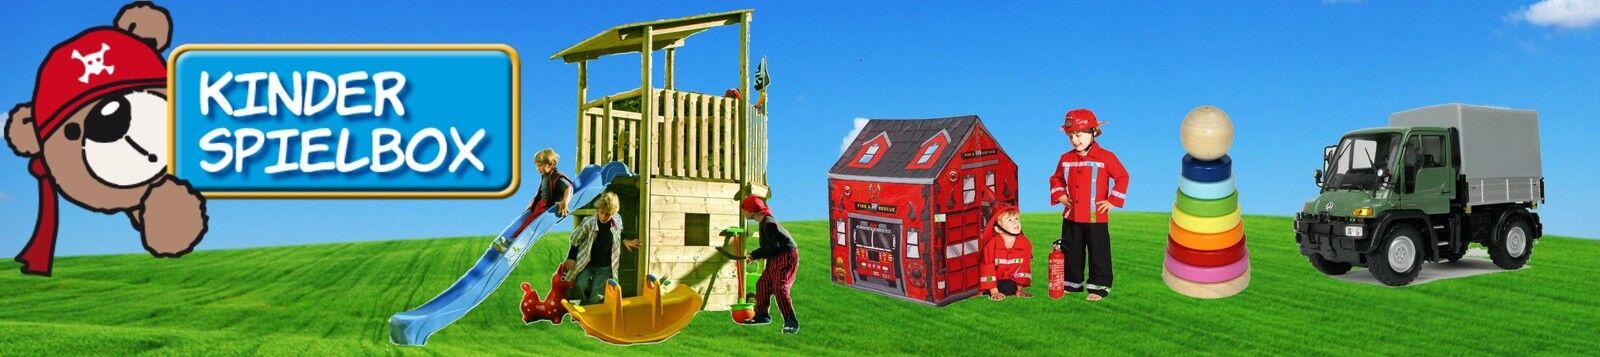 Kinderspielbox